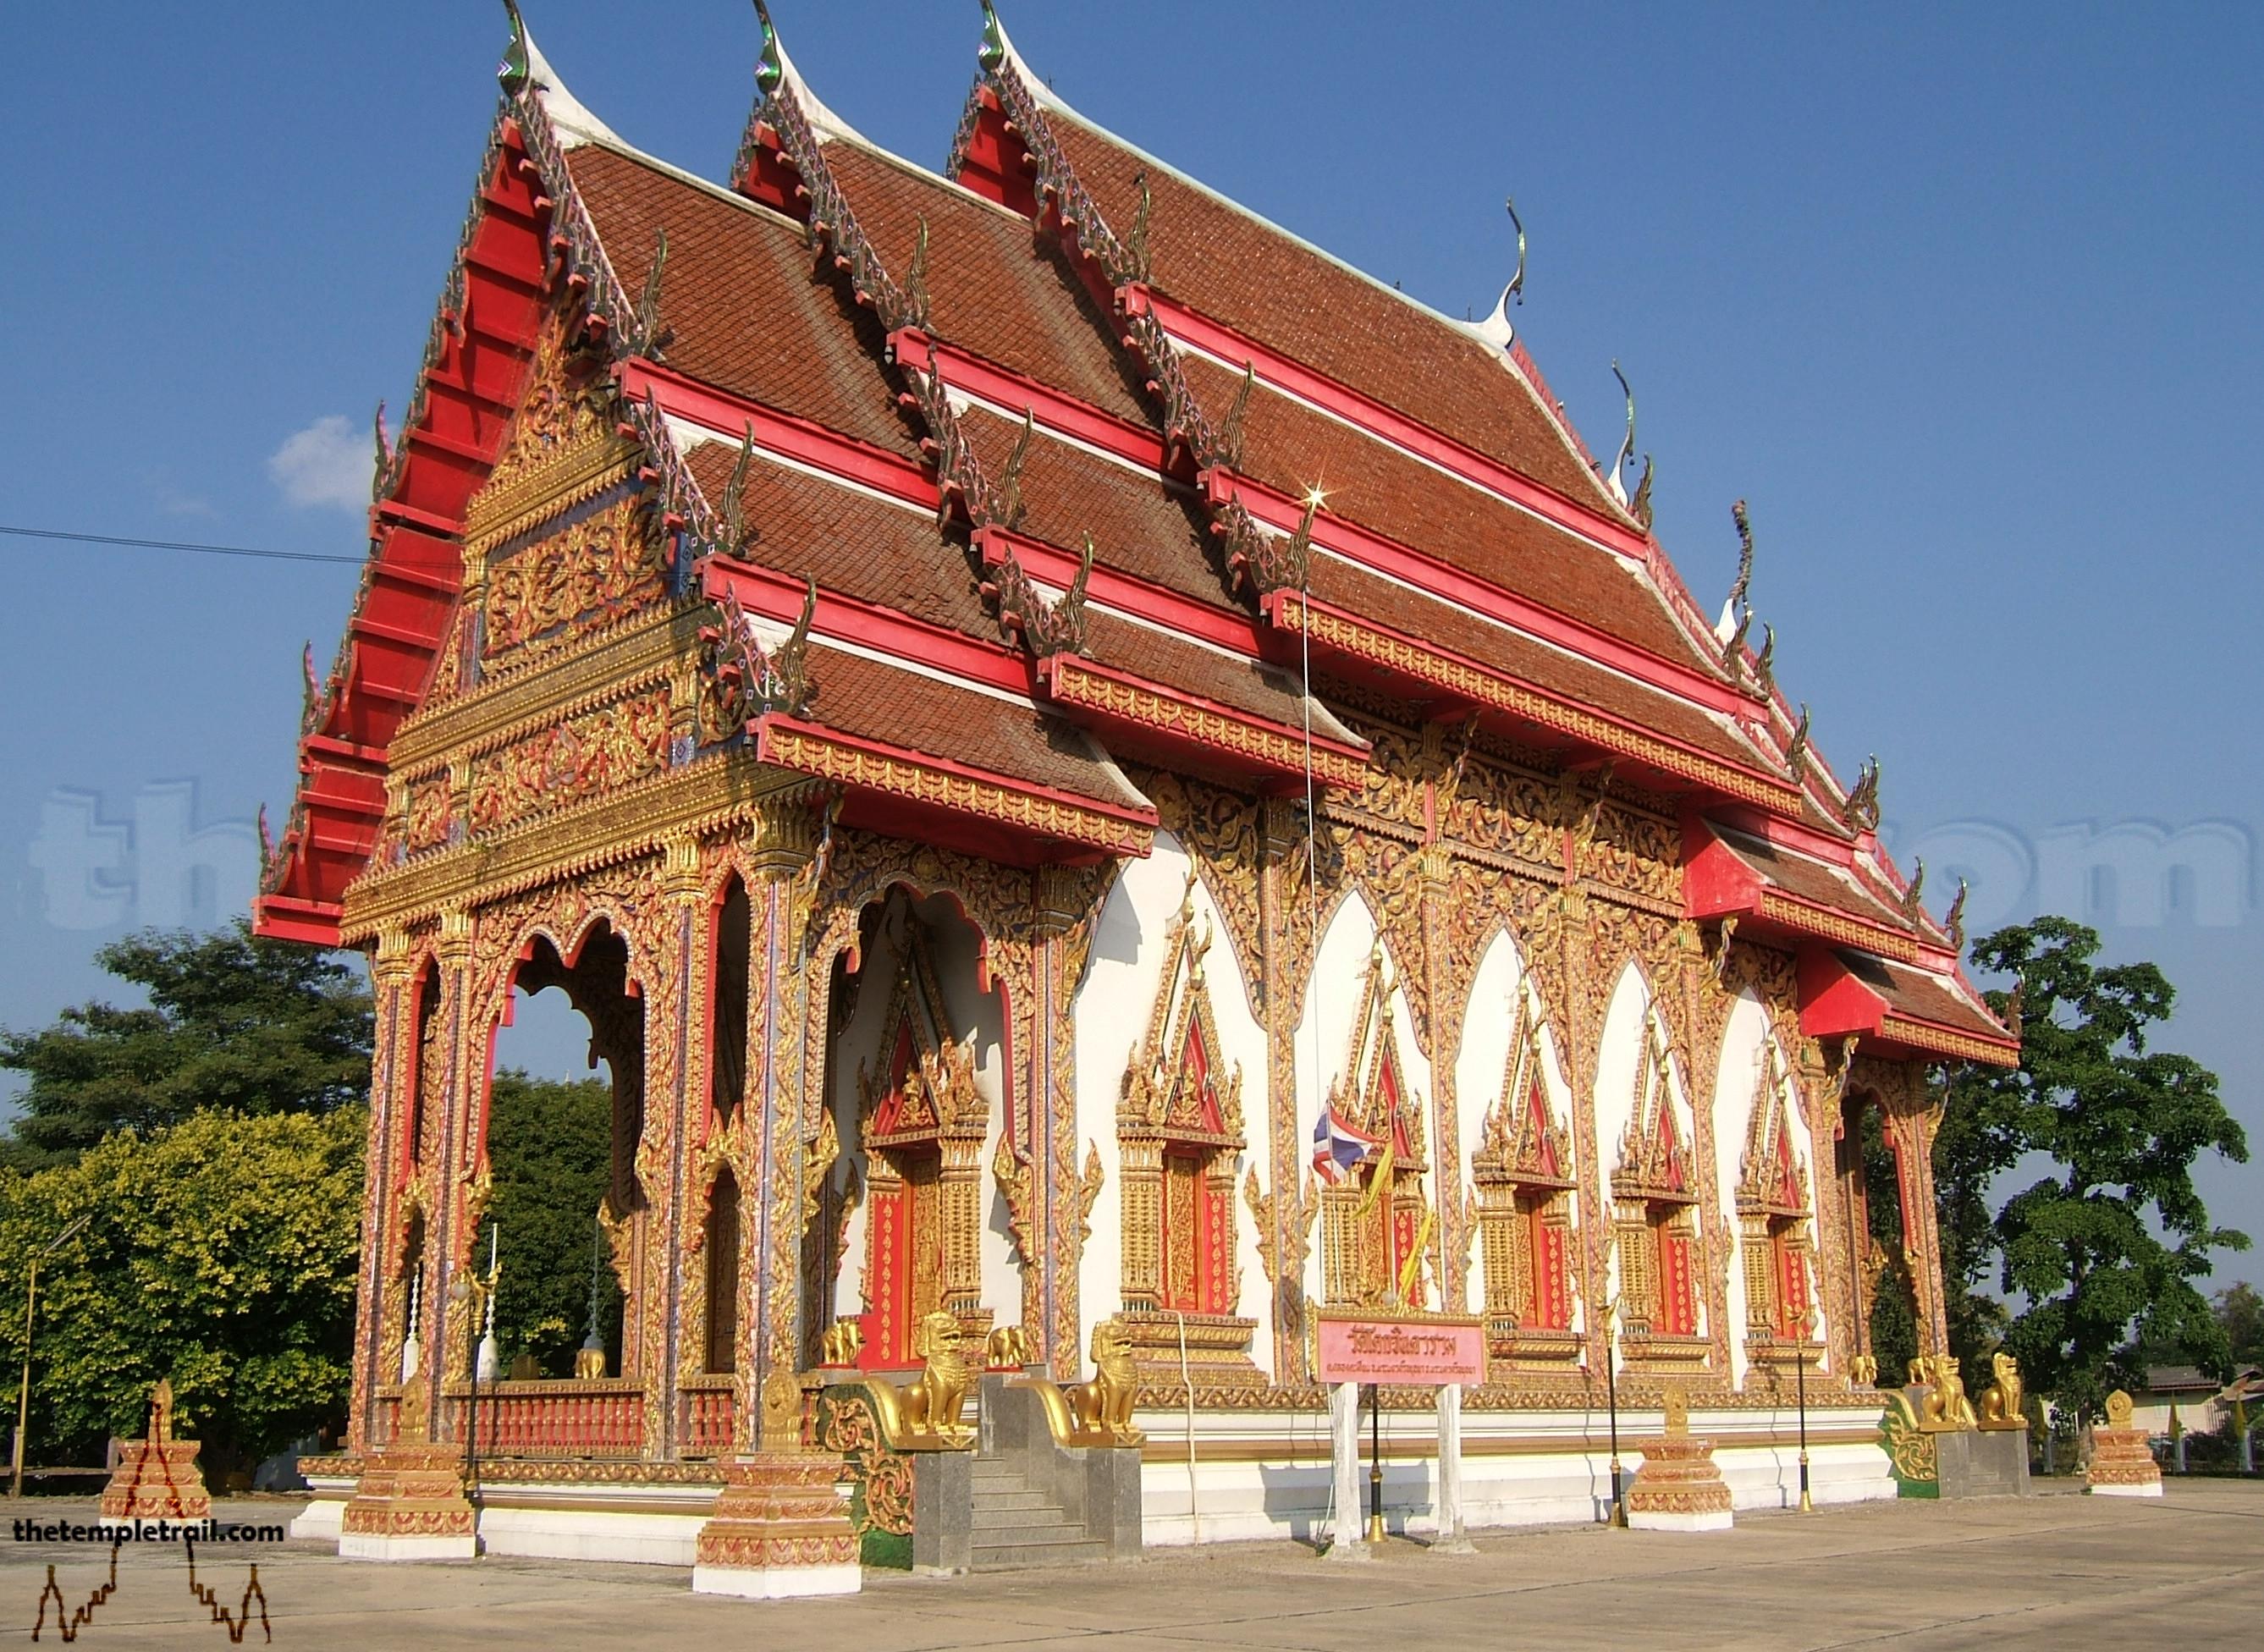 Thai Temples 101